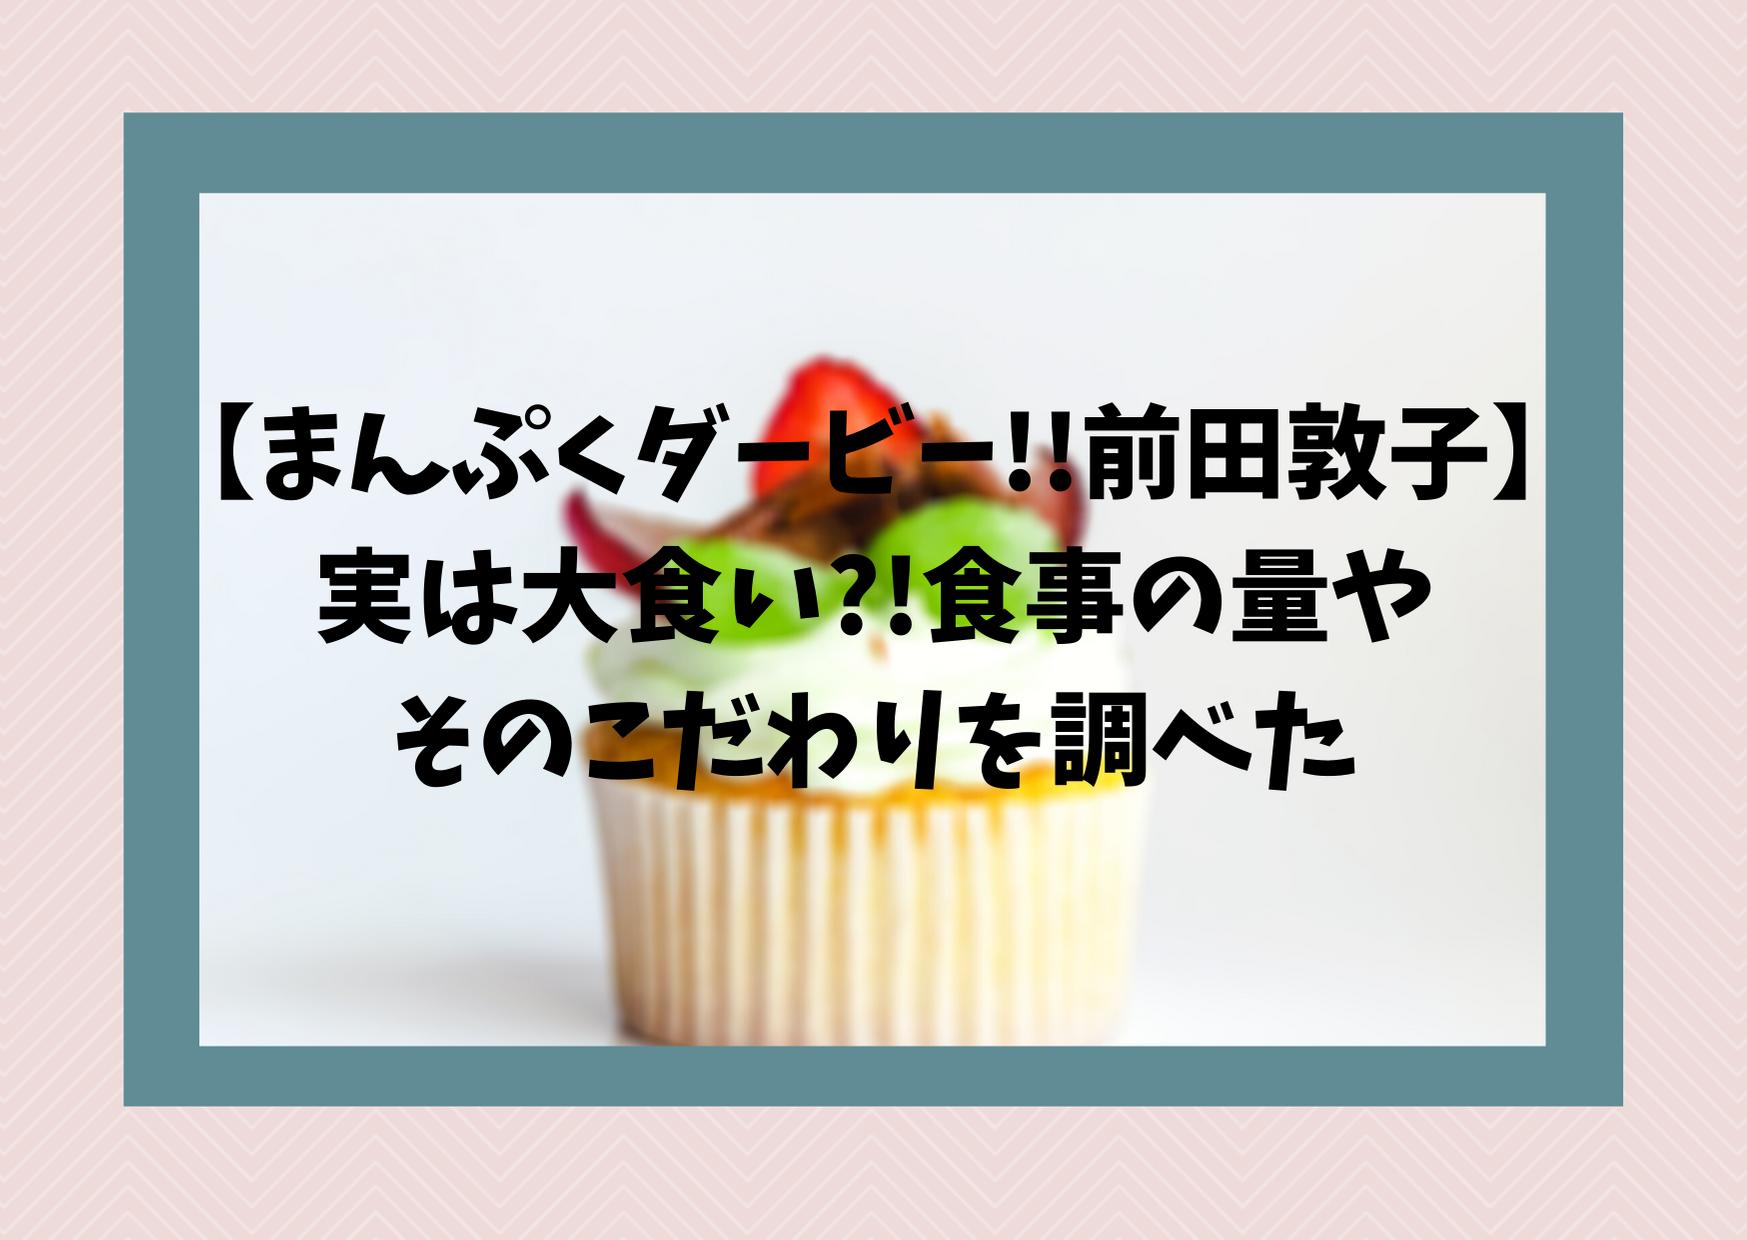 【まんぷくダービー!!前田敦子】実は大食い?!食事の量やそのこだわりを調べた